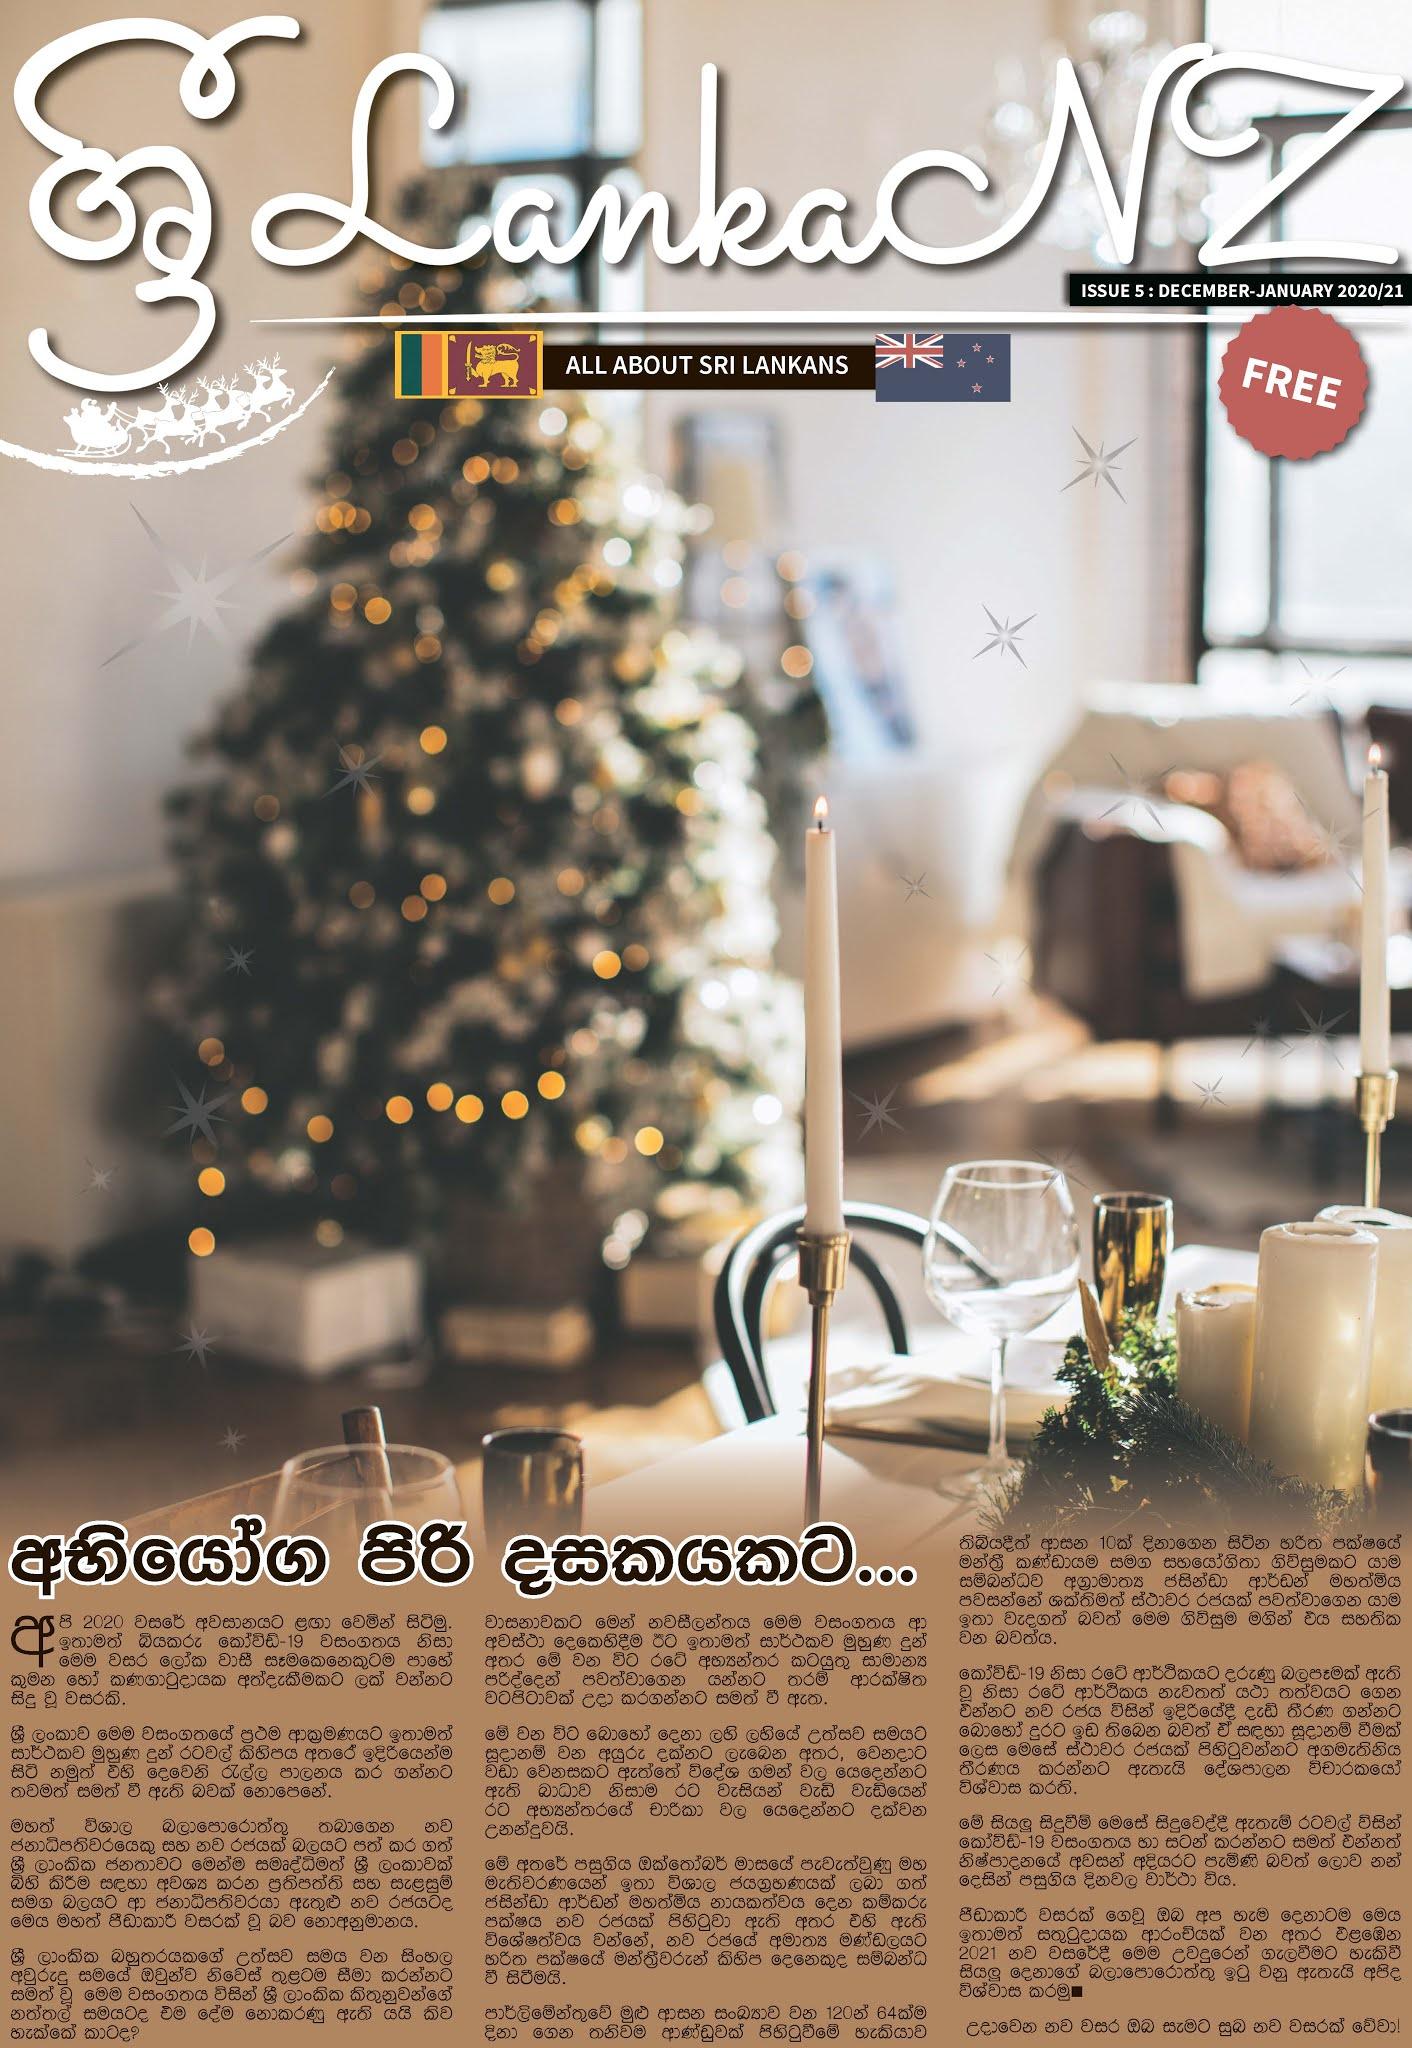 ශ්රී LankaNZ – Sri Lankan Community Newspaper- paper version The 5th Issue is OUT now…